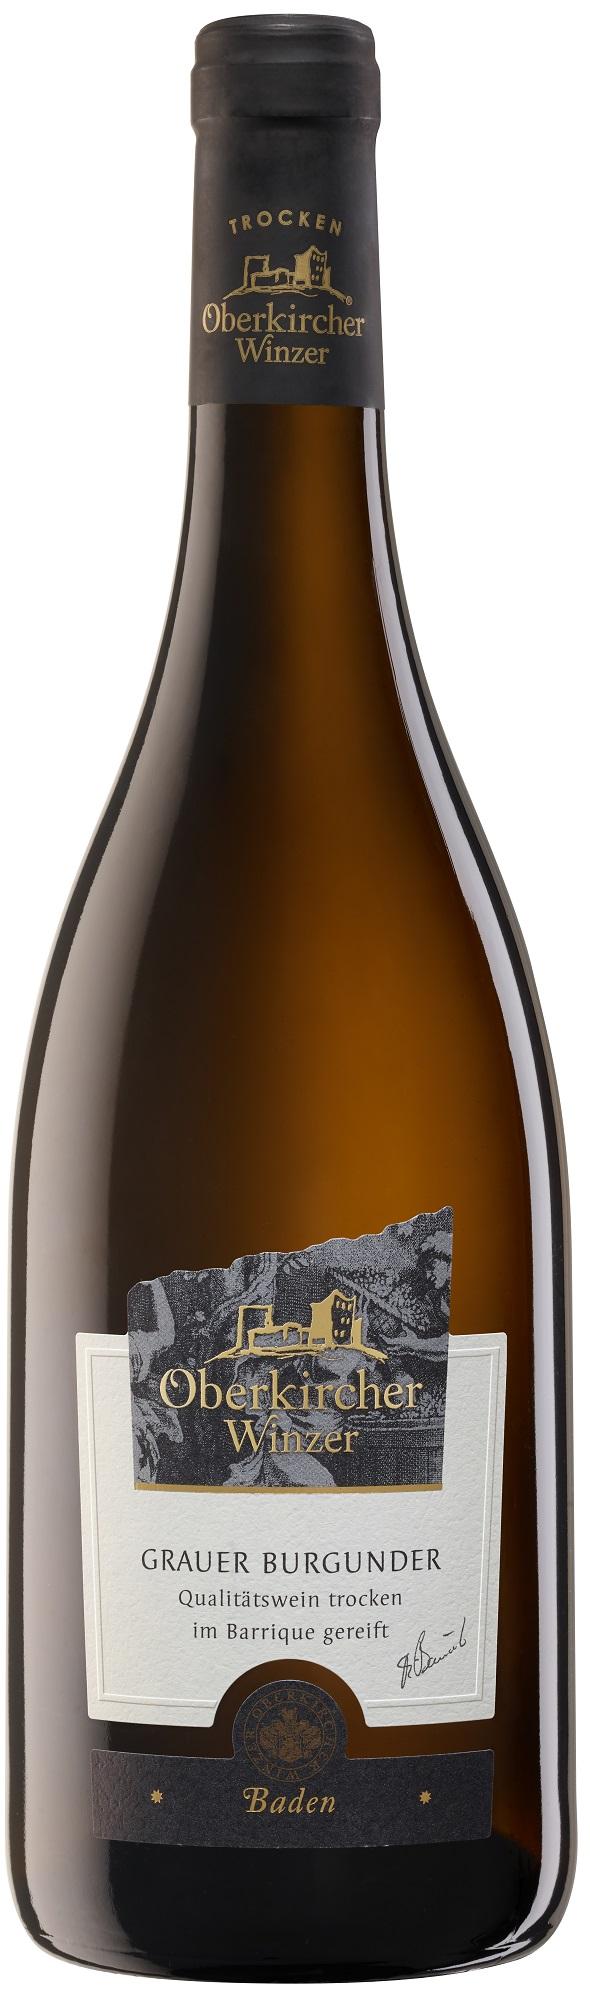 Collection Oberkirch, Grauer Burgunder Qualitätswein trocken -Barrique-